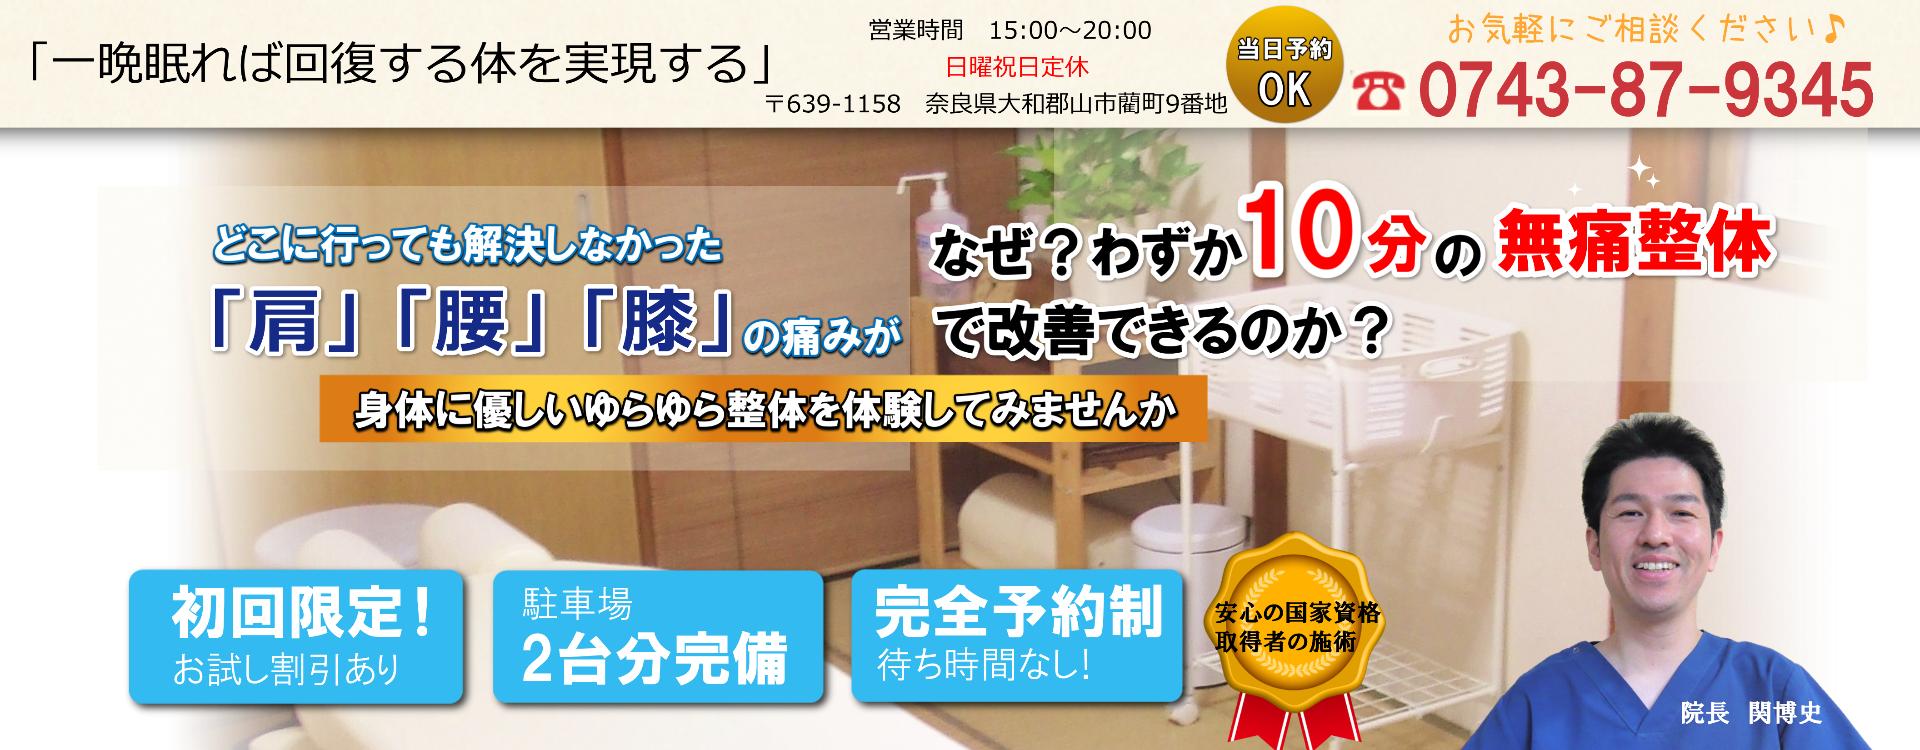 奈良県大和郡山市の整体 痛くなく効果の高い背骨調整 せき整骨院